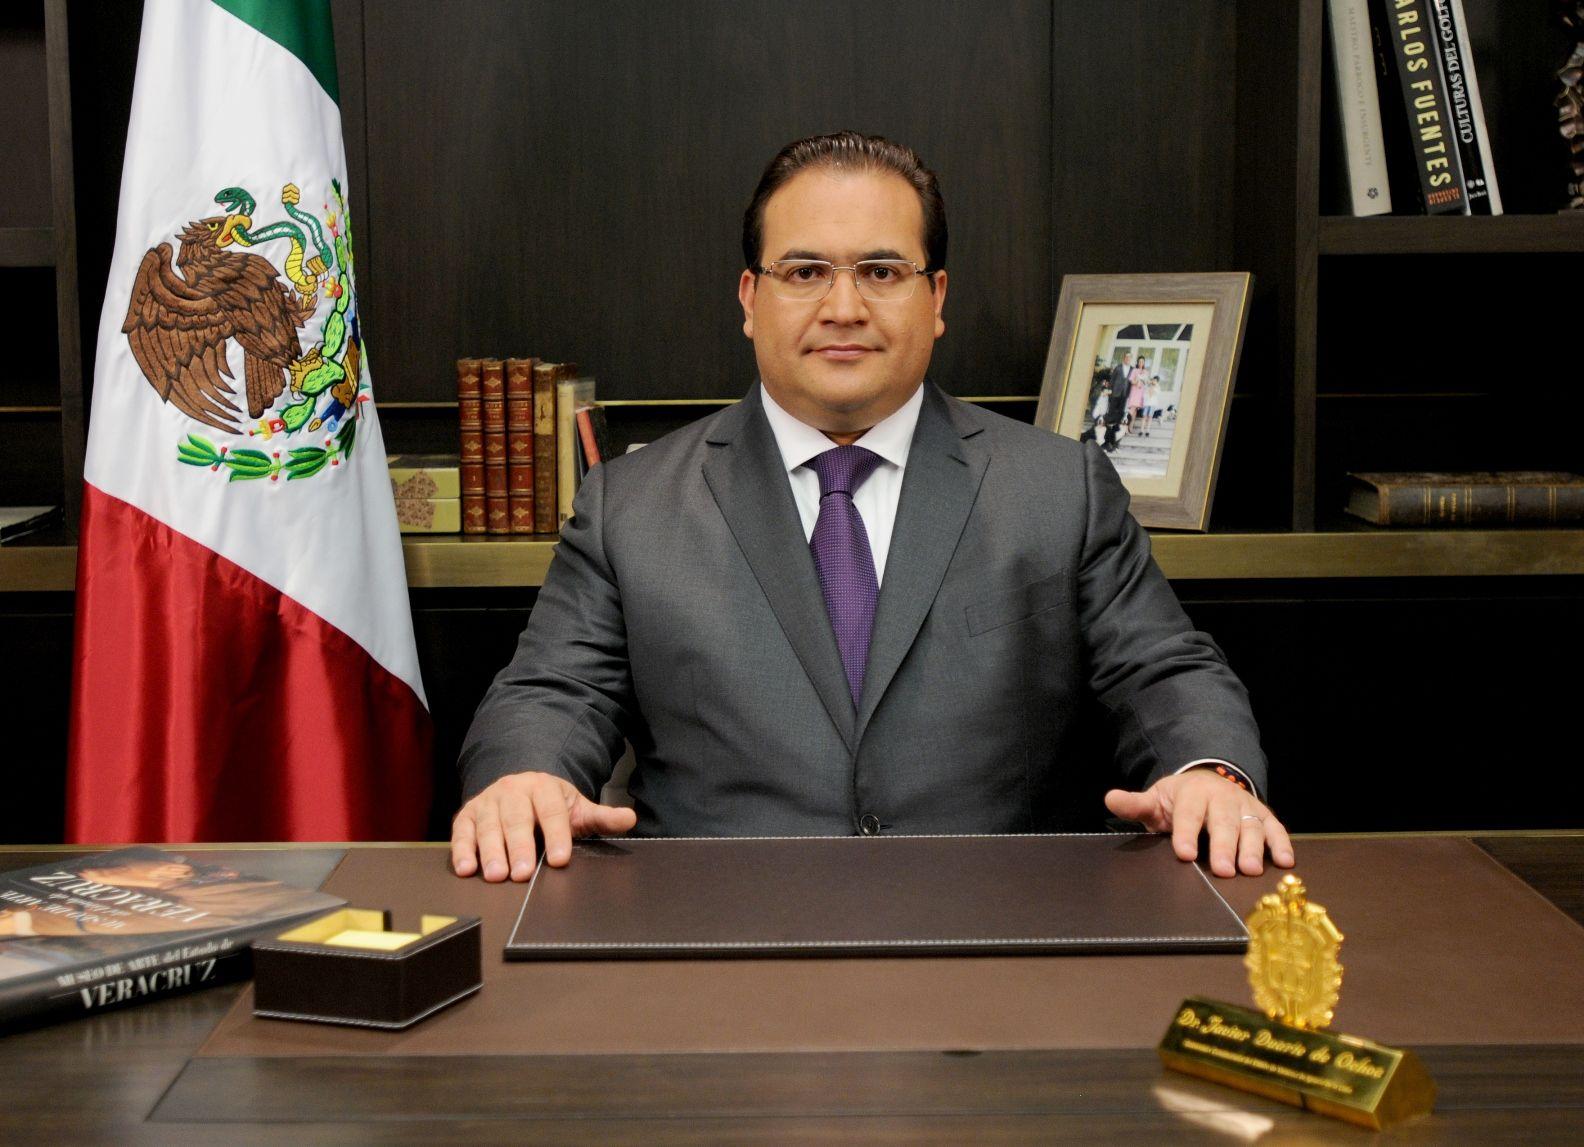 Durante un mensaje dirigido al pueblo veracruzano con motivo de las elecciones, el gobernador Javier Duarte de Ochoa manifestó que Veracruz cumplió con su deber democrático en una jornada electoral en la hemos decidido con entera libertad el rumbo que habremos de tomar.